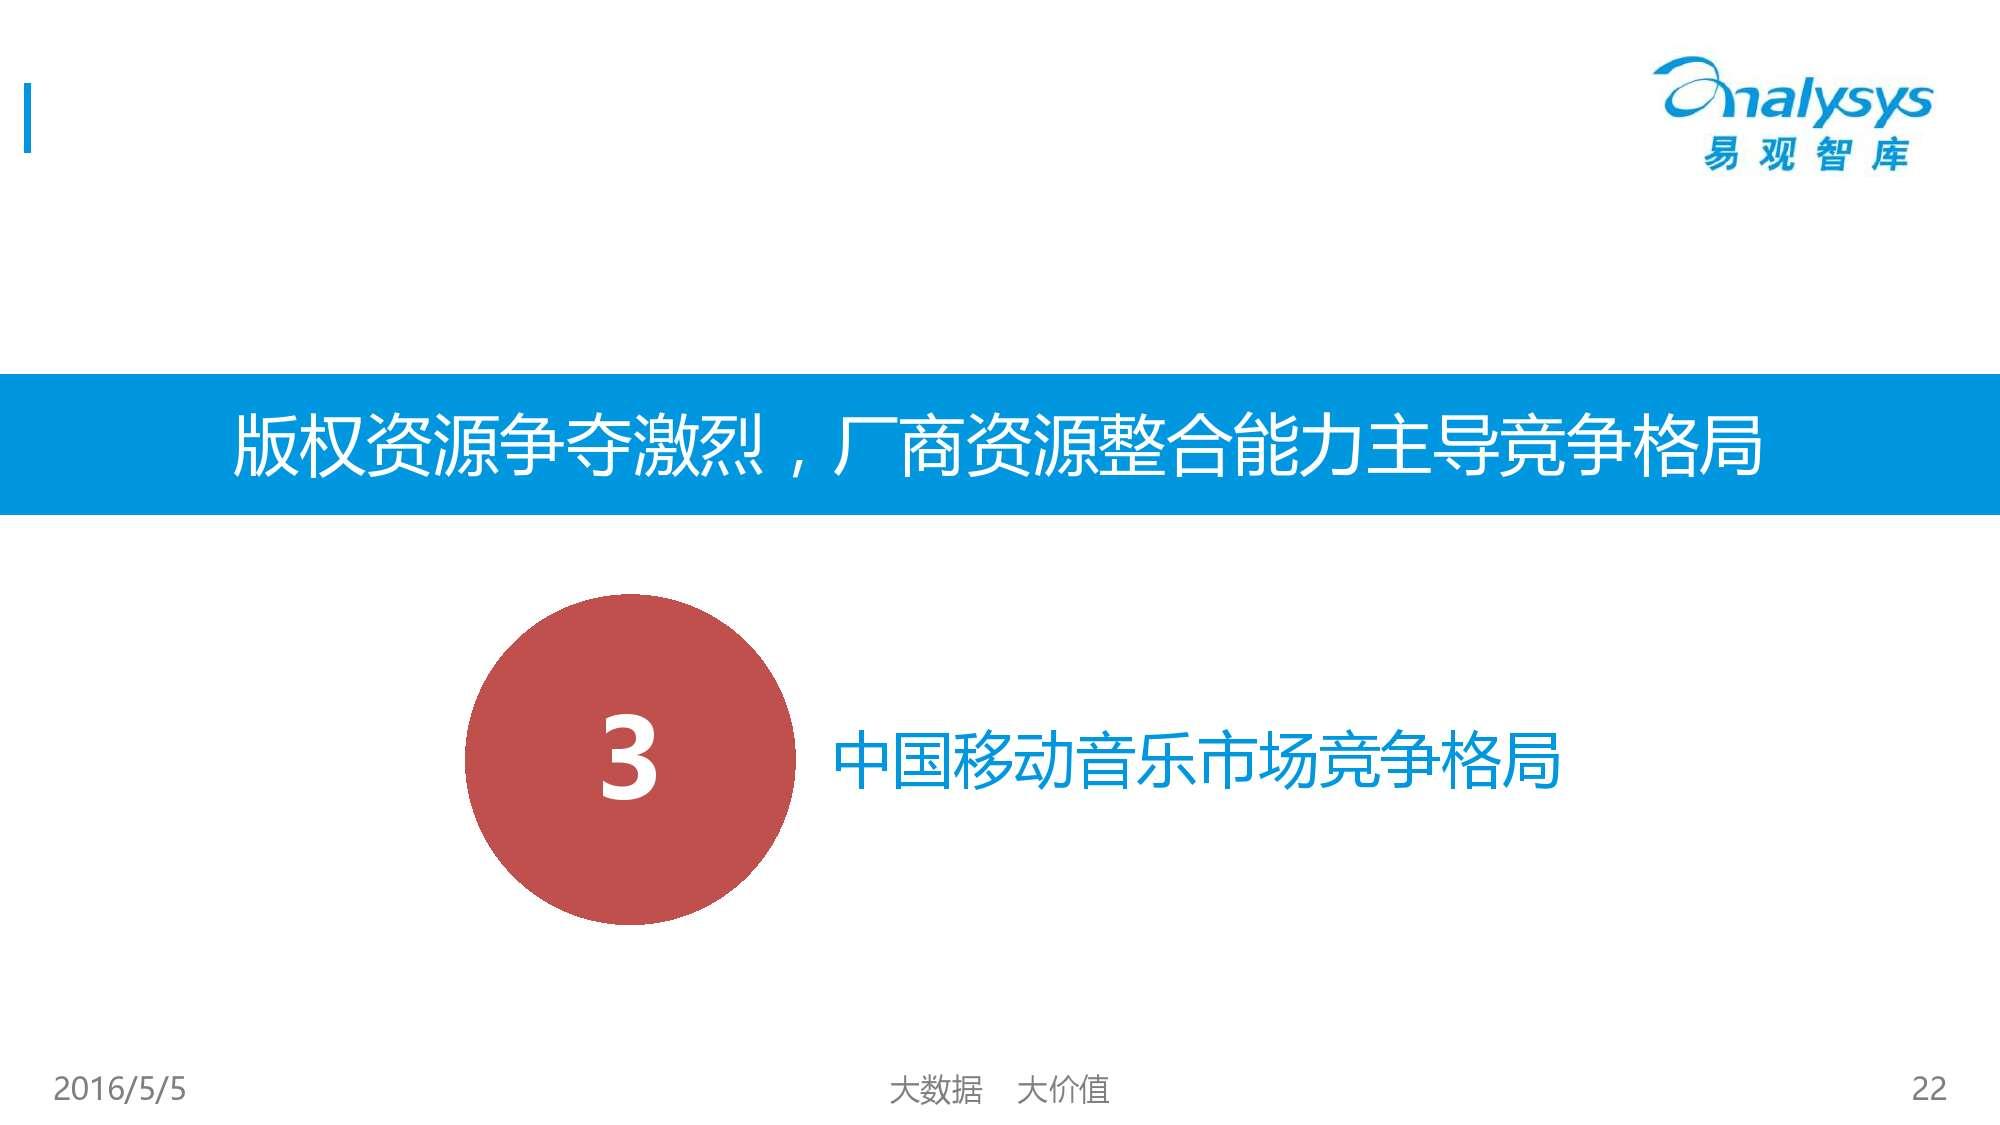 2016中国移动音乐市场年度综合报告_000022